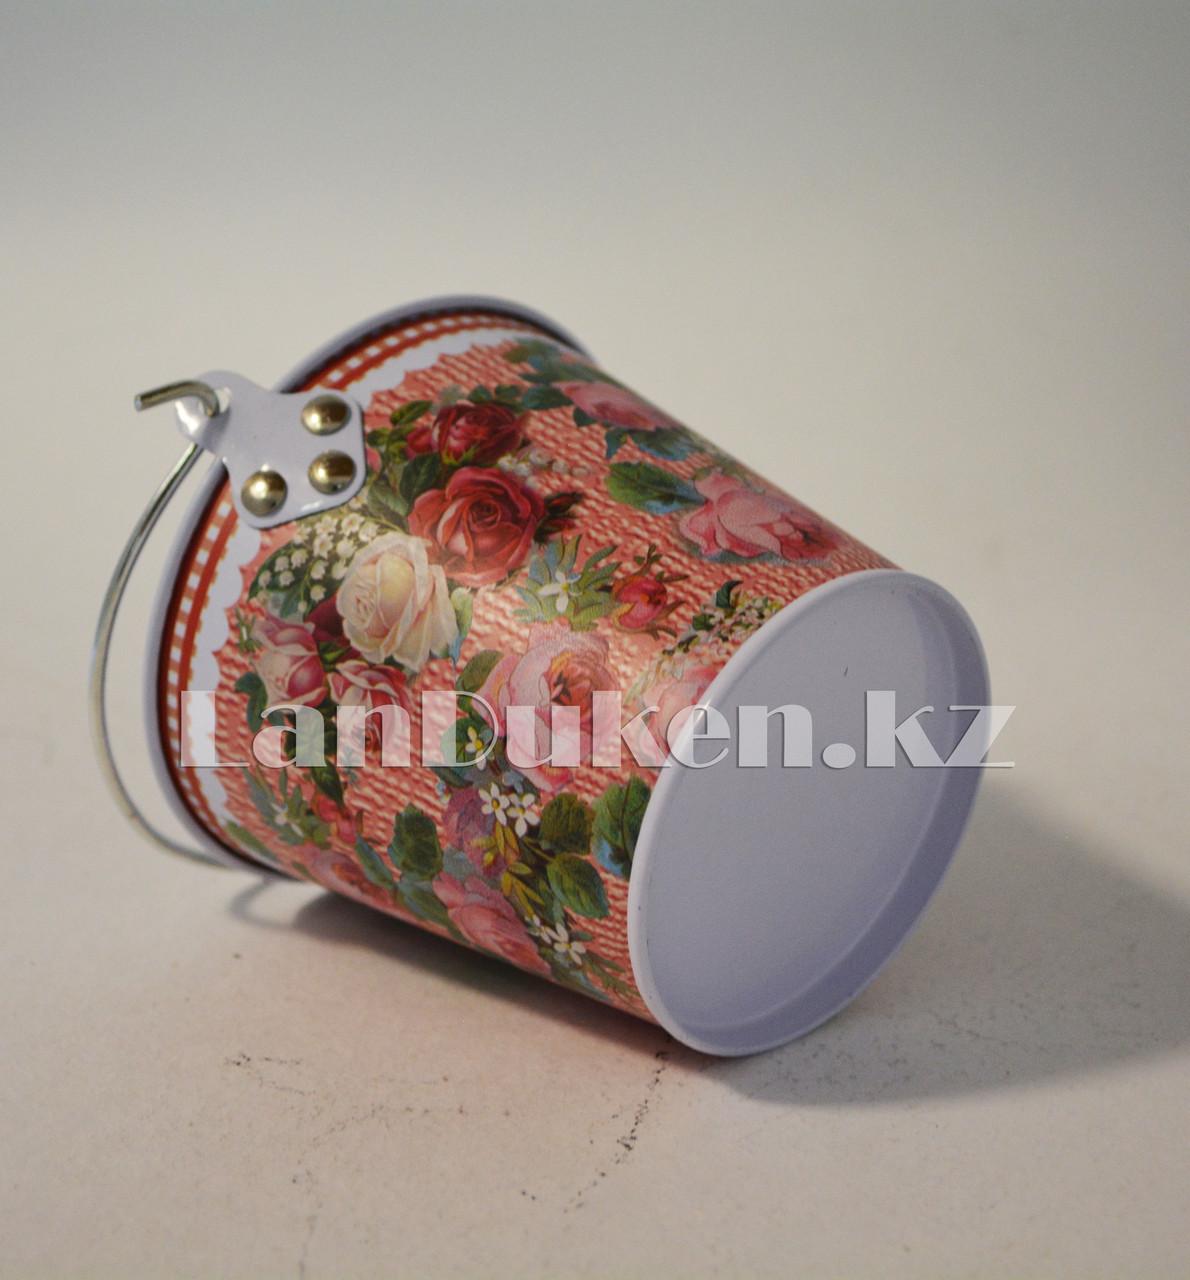 Ведро декоративное металлическое маленькое (розовый с цветочным принтом) - фото 3